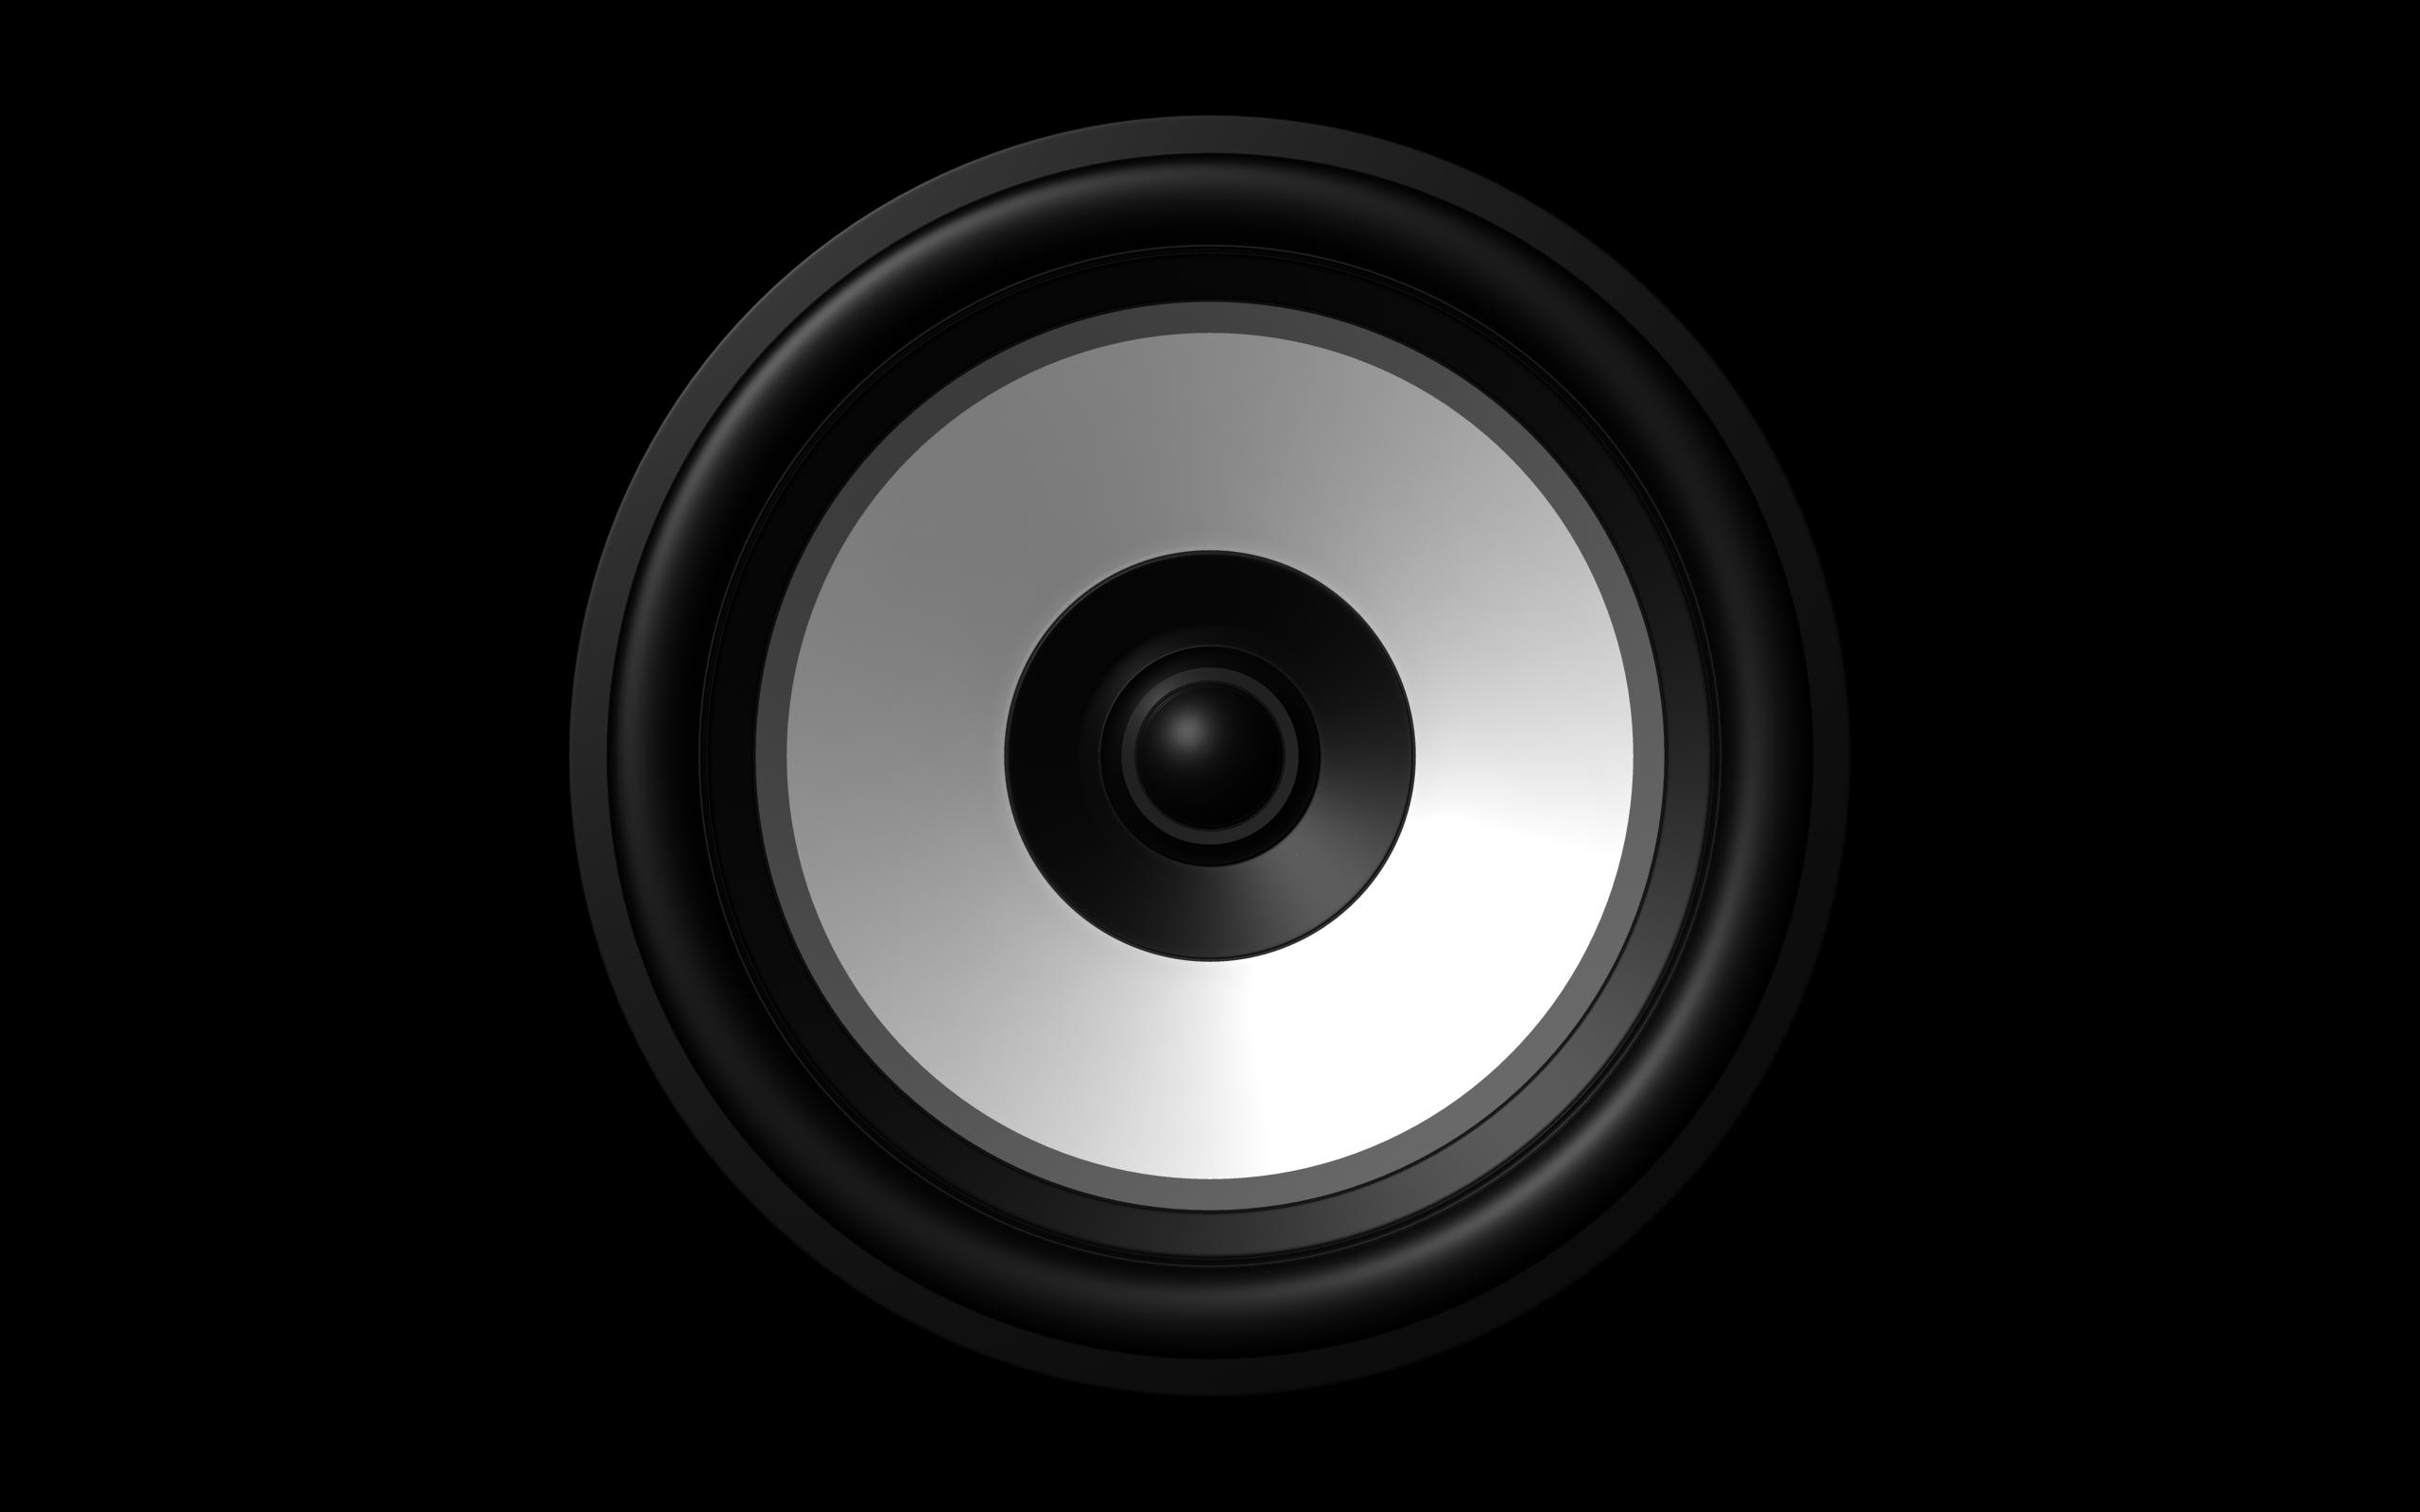 Dj clipart pa system. Image result for speaker